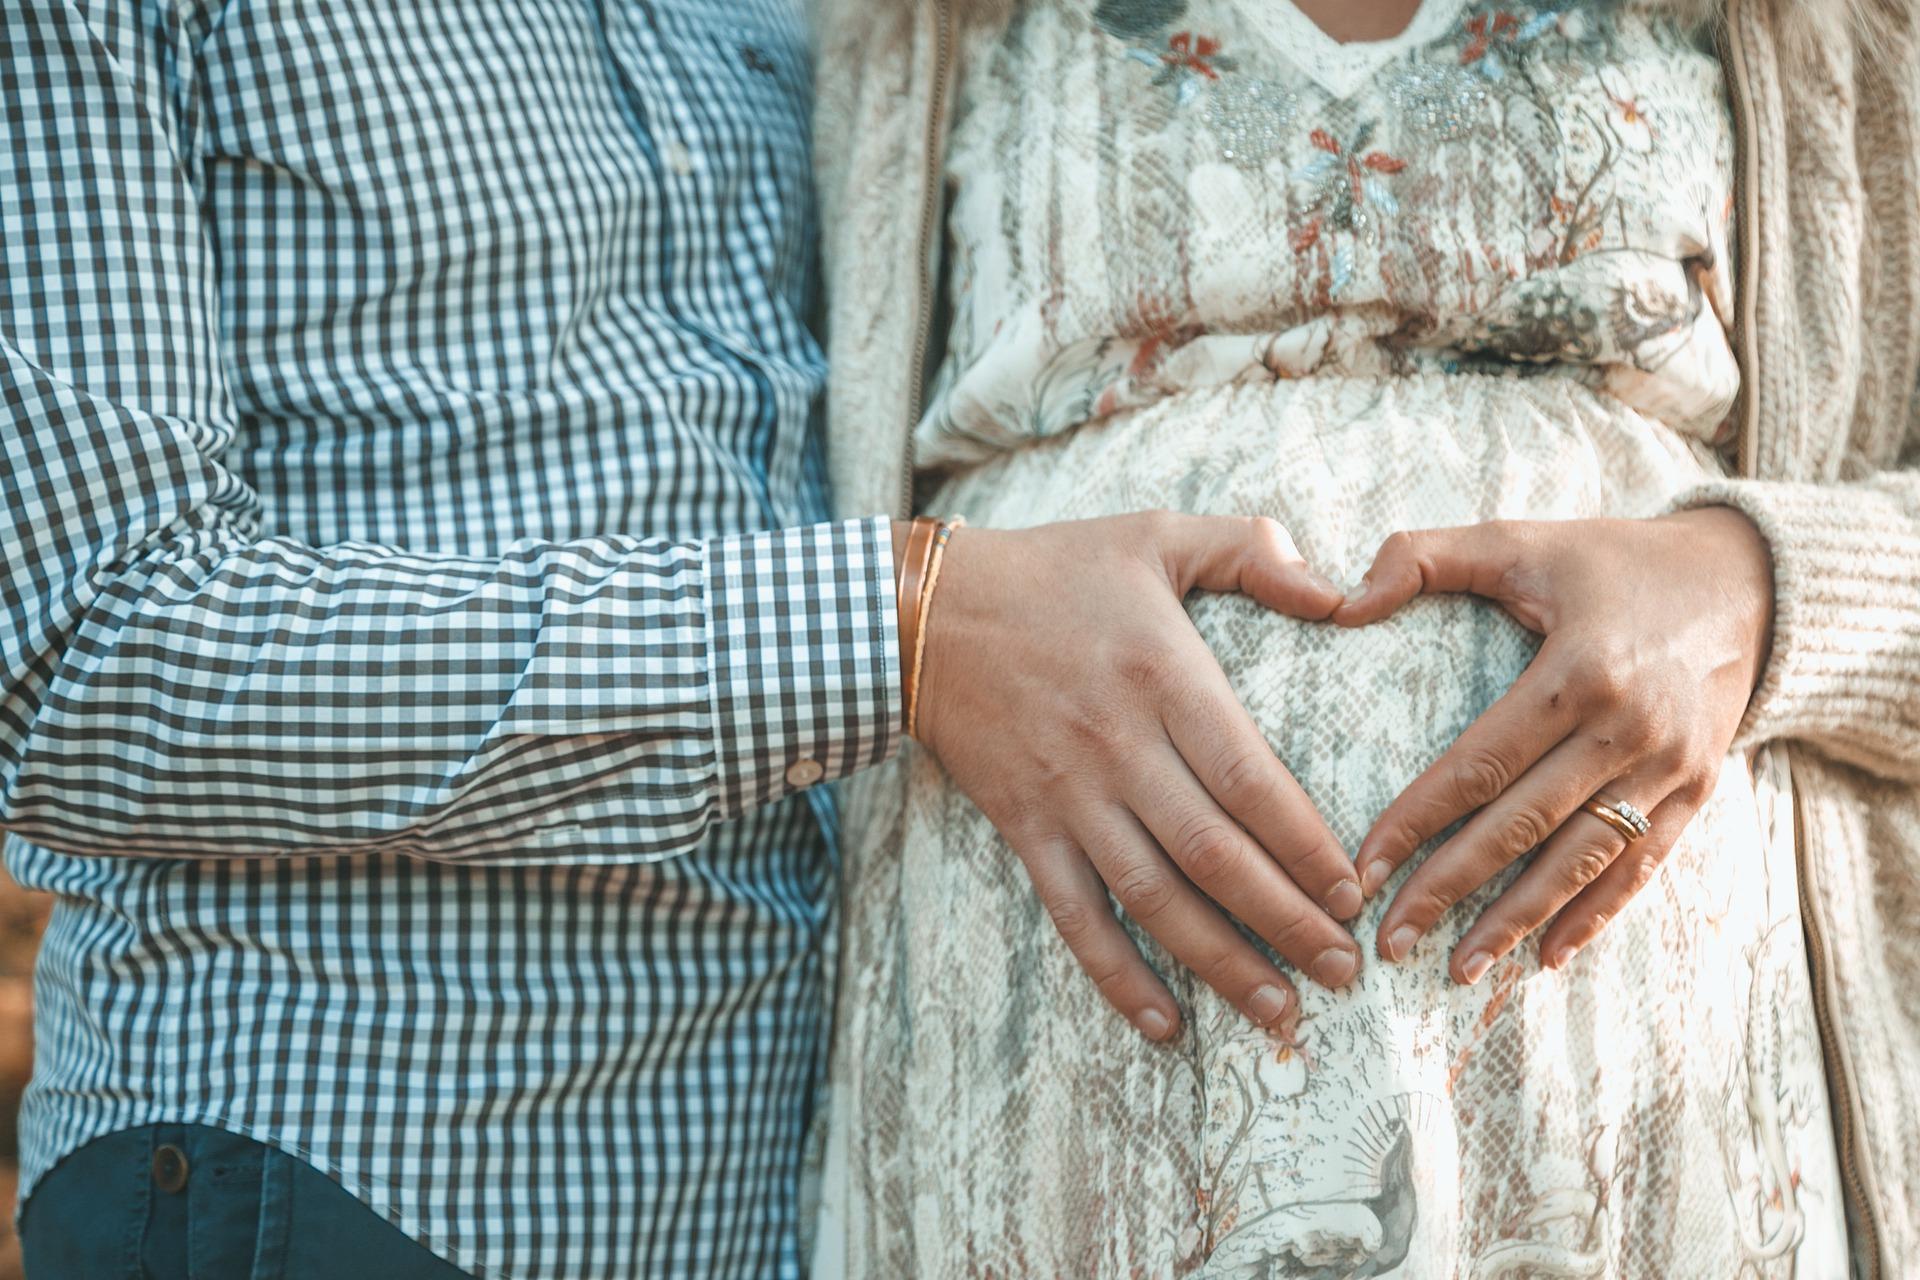 צילומי היריון להריונית הדתייה: איך עושים את זה?